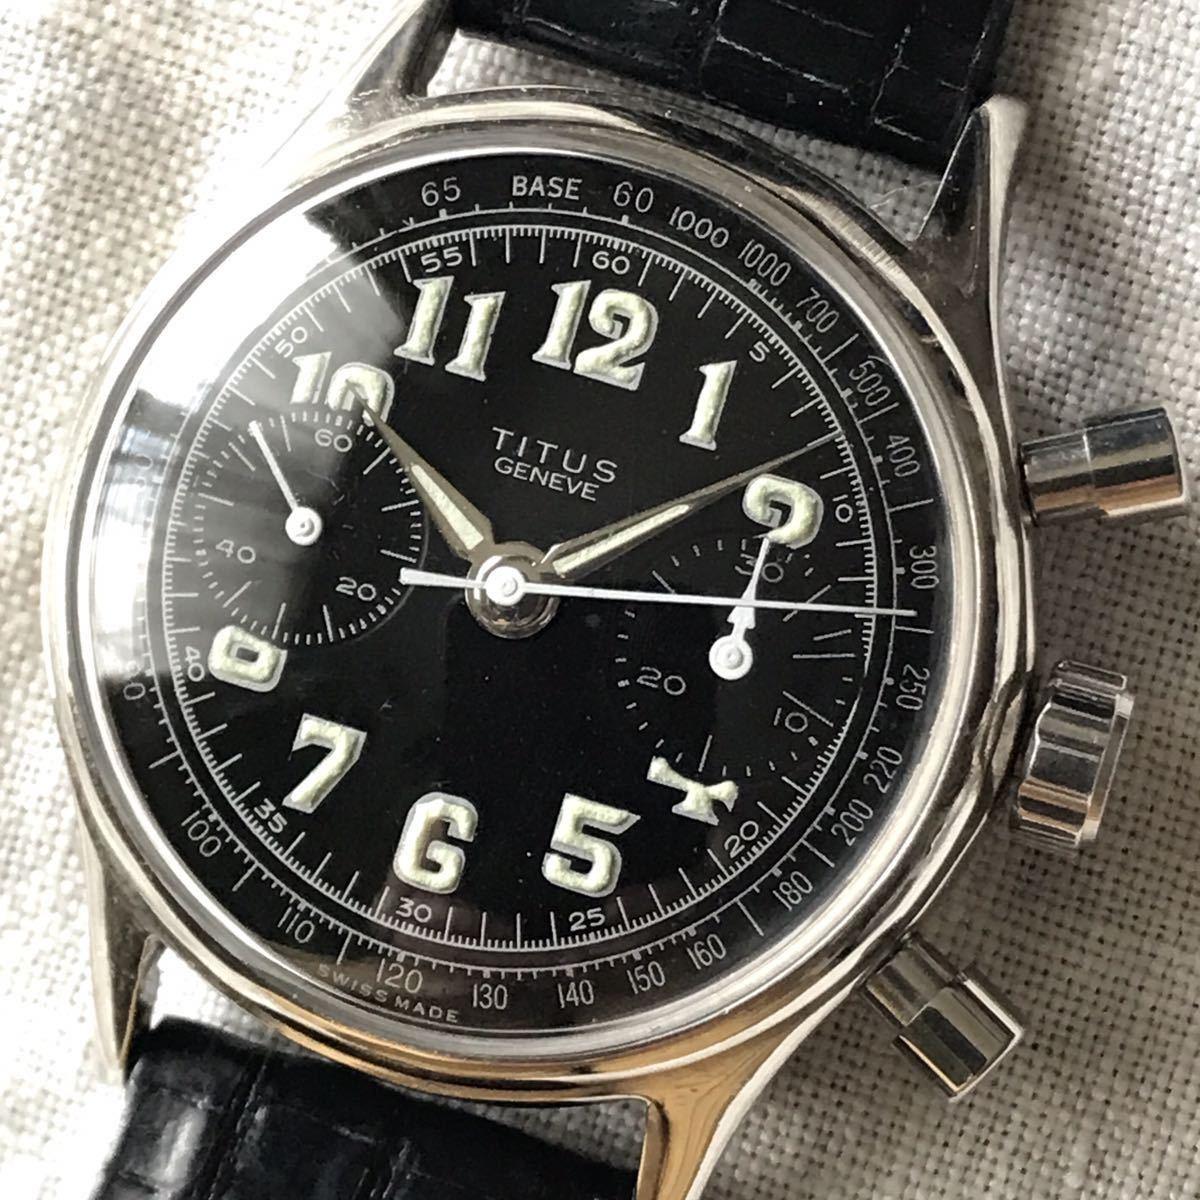 美品★50年代 タイタス バルジュー クロノグラフ アンティーク メンズ腕時計 手巻き 35㎜ ニッケル OH済 良好 TITUS Valjoux